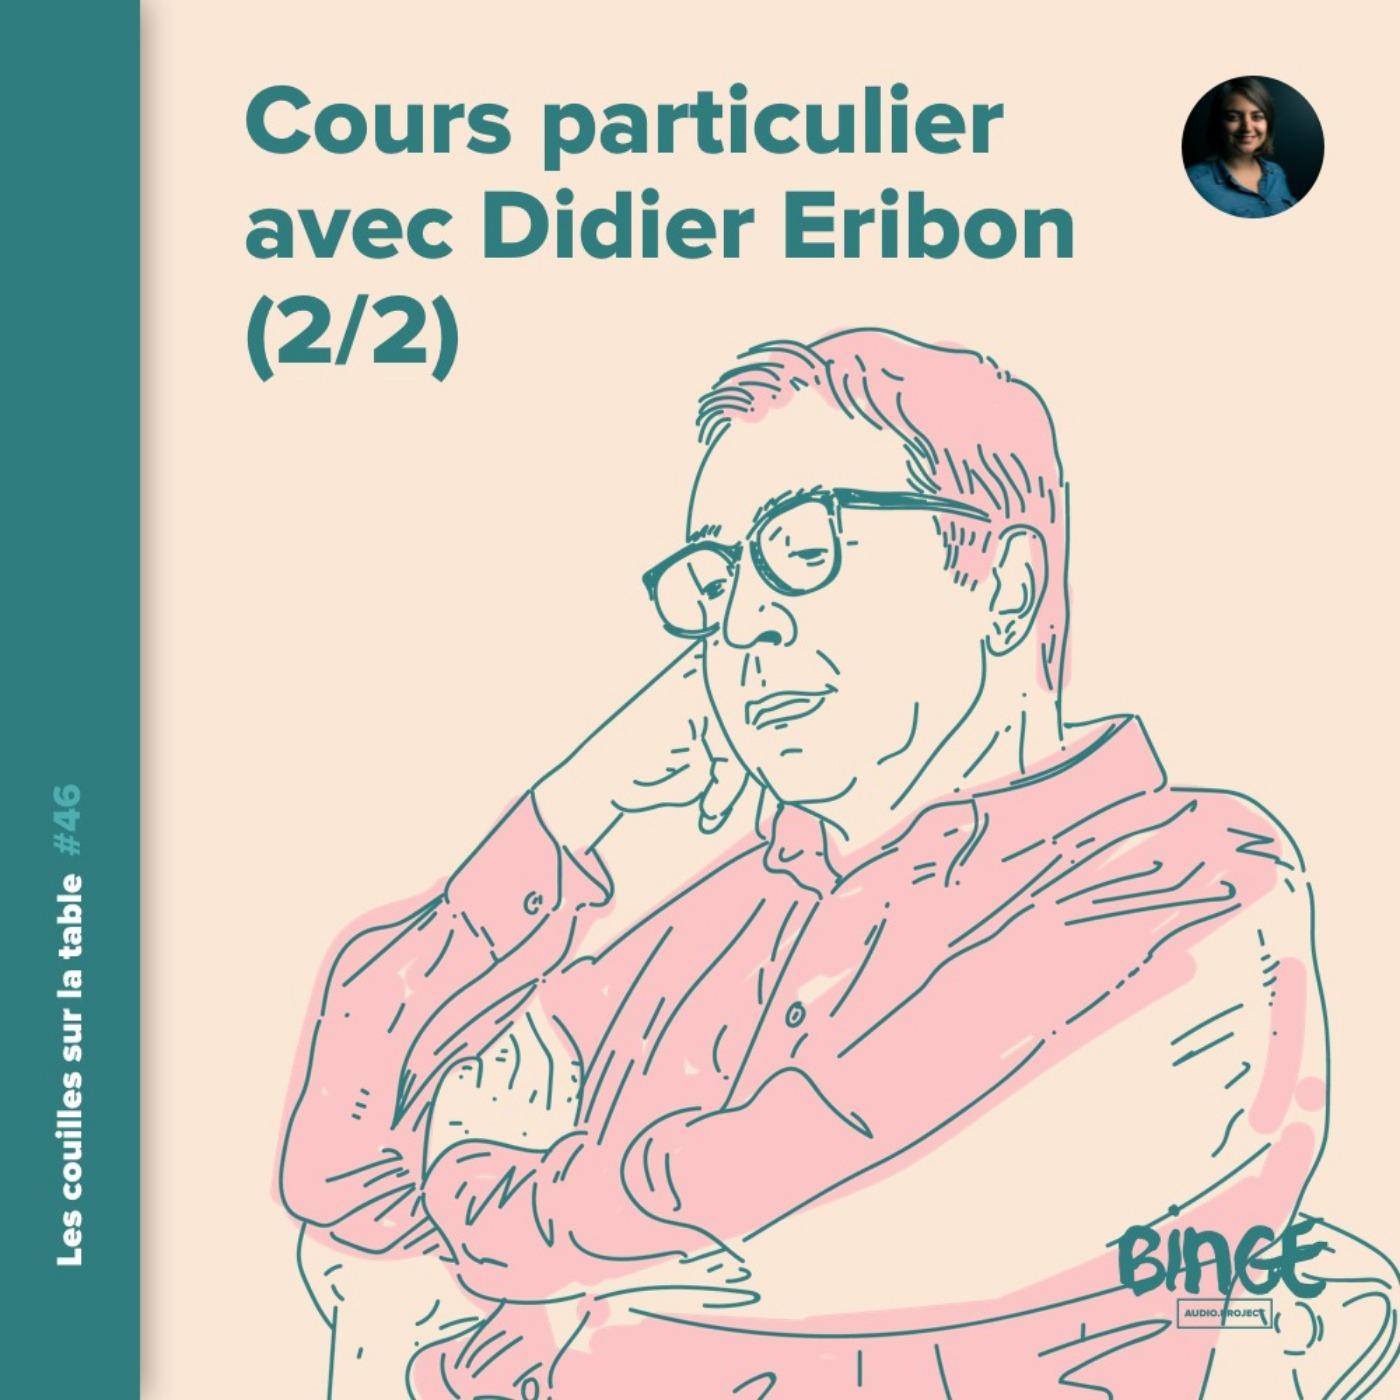 Cours particulier avec Didier Eribon (2/2)